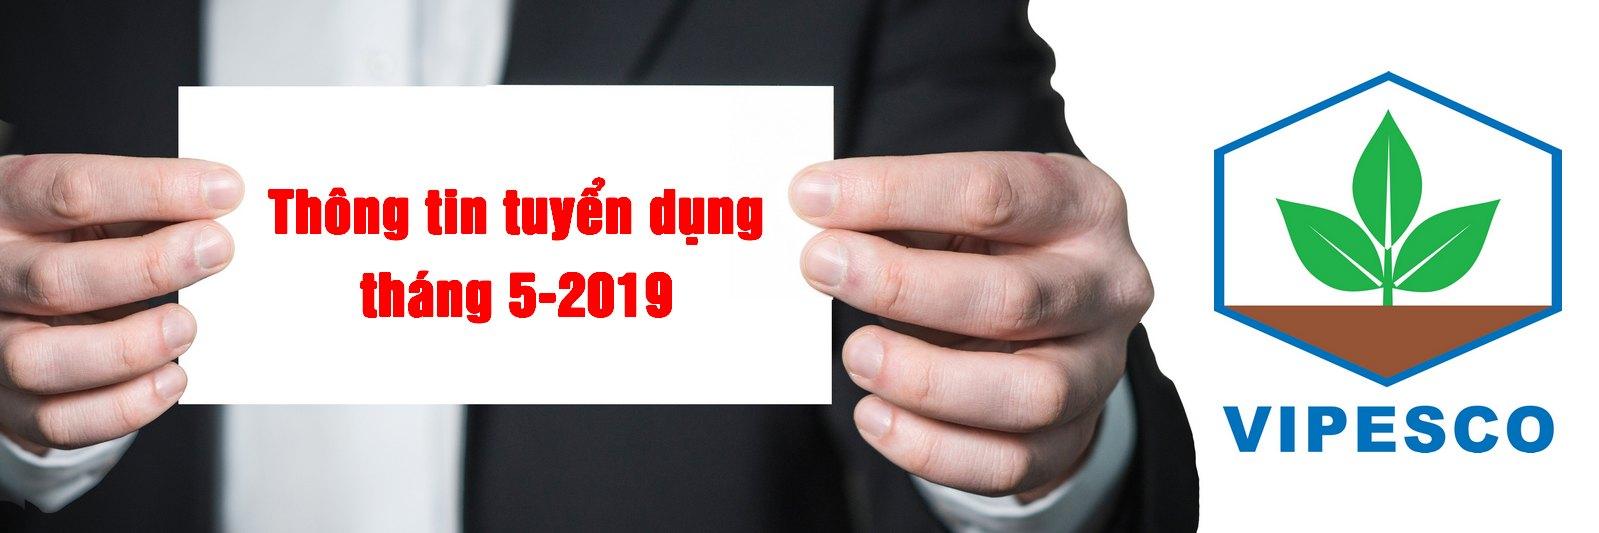 Thông tin tuyển dụng tháng 5 -2019